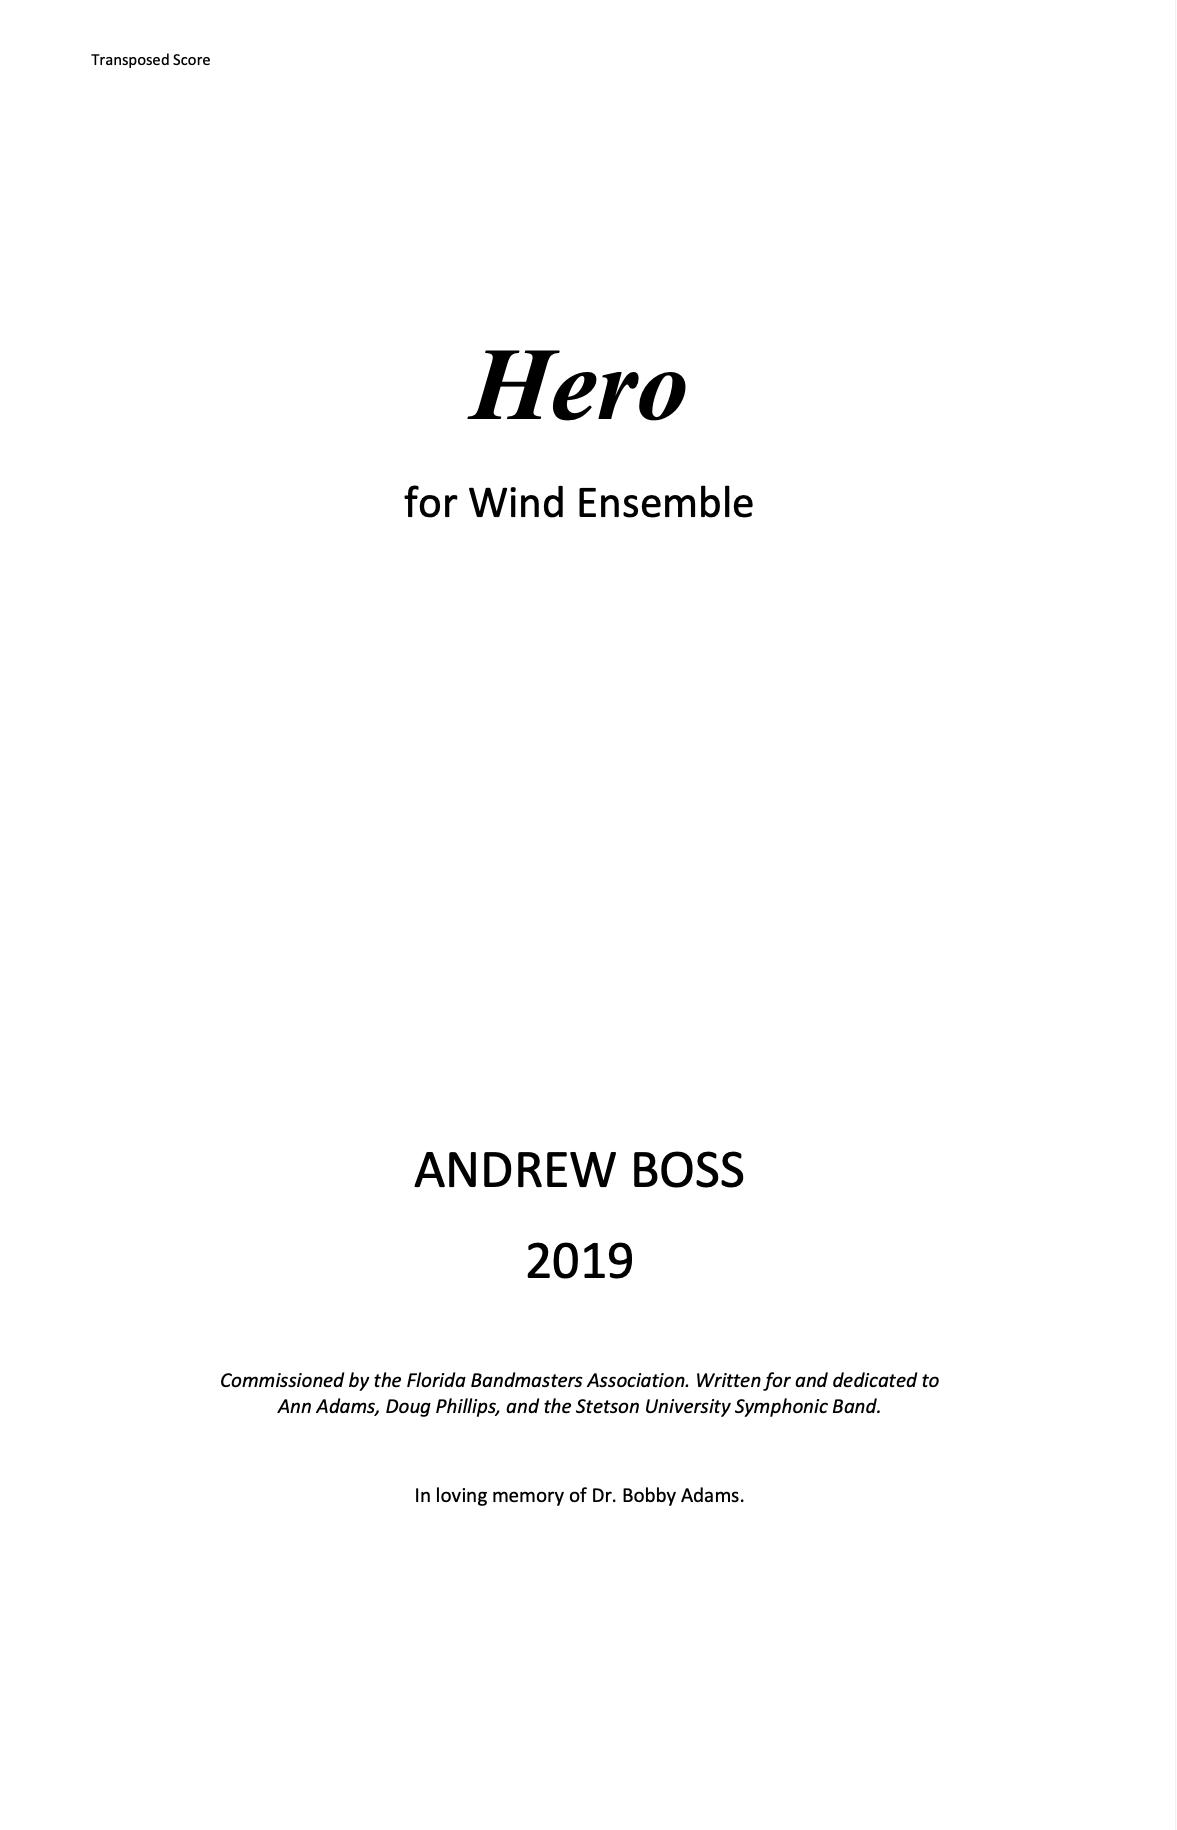 Hero by Andrew Boss